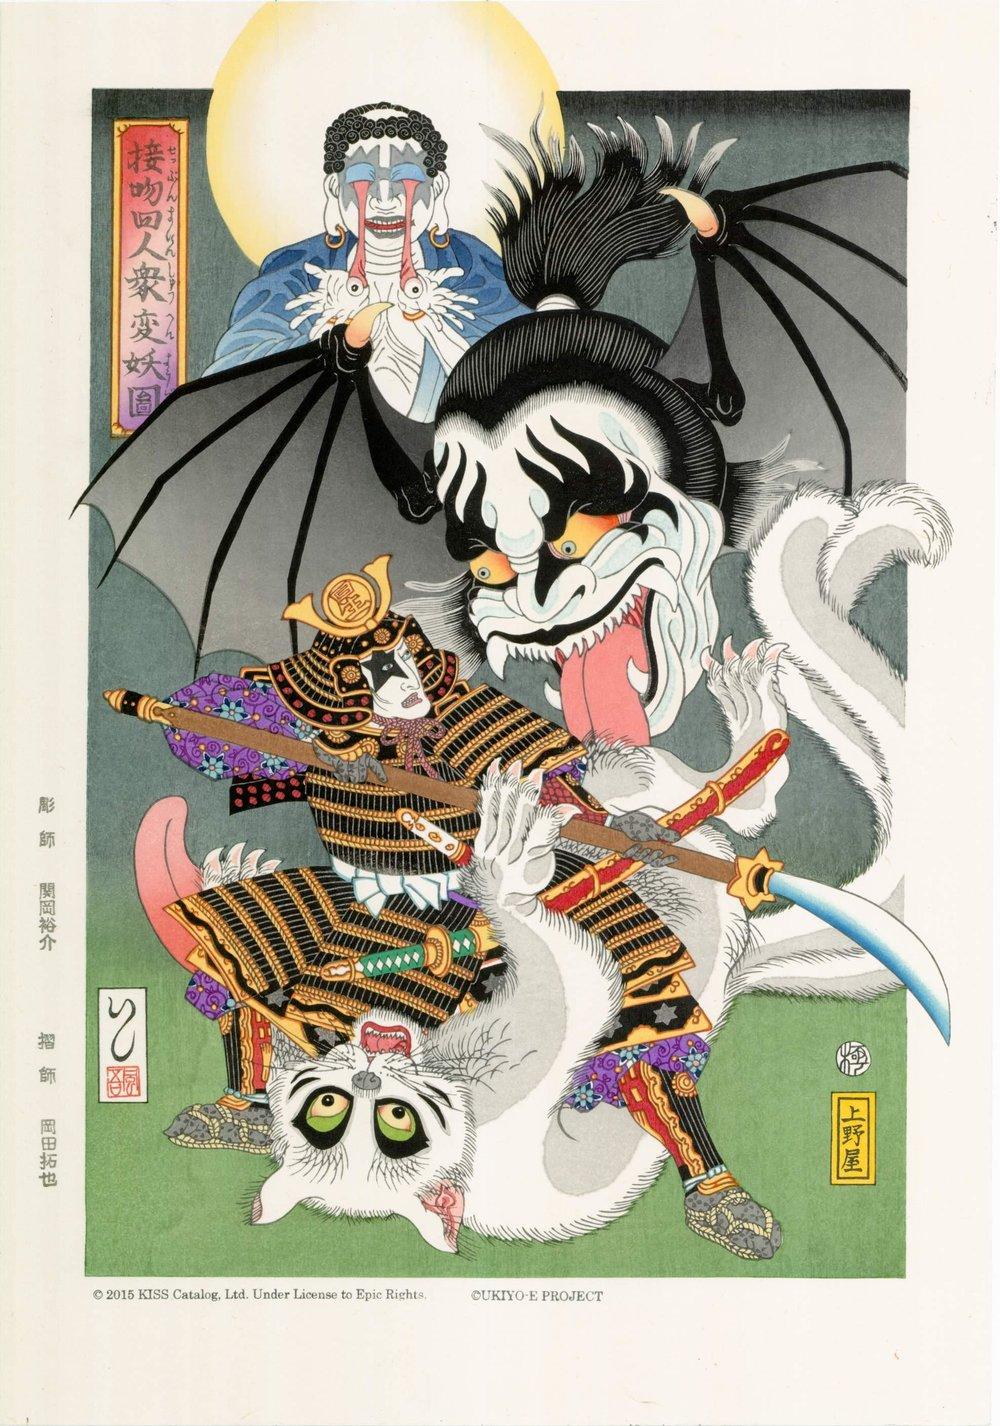 接吻四人衆変妖図 - メンバー四人を妖怪と武者に見立てた妖怪絵です。ジーン・シモンズは空飛ぶ大顔の悪魔、エリック・シンガーはキャラクター設定の通り猫をベースとした妖怪「猫又」、トミーセイヤーは目から光線を出す妖怪「塗佛」、ポール・スタンレーはそれらを迎え撃つ武者で、ペルソナ名の「スターチャイルド」に因んでかぶとの前立てを星の字にしています。本人のメイクは五芒星という星型ですが、甲冑膝上辺りの星模様は魔よけの意味のある六芒星にしてあります。サイズ(約): 縦 48 cm × 横 34 cm材質/用紙:奉書紙『越前生漉奉書』商品は紙額に入れた後、特注のタトウ(写真はこちらのリンクにて)※ に挟み厳重に梱包しお送りします。額装はされておりません。額装が必要な場合は下記の写真を参考にオプションで追加して下さい。※タトウ・・・浮世絵などの版画や水彩画などの繊細な作品に最適の保存用二つ折り台紙です。108,000円(送料込・税込)237,600円 サインあり(送料込・税込)